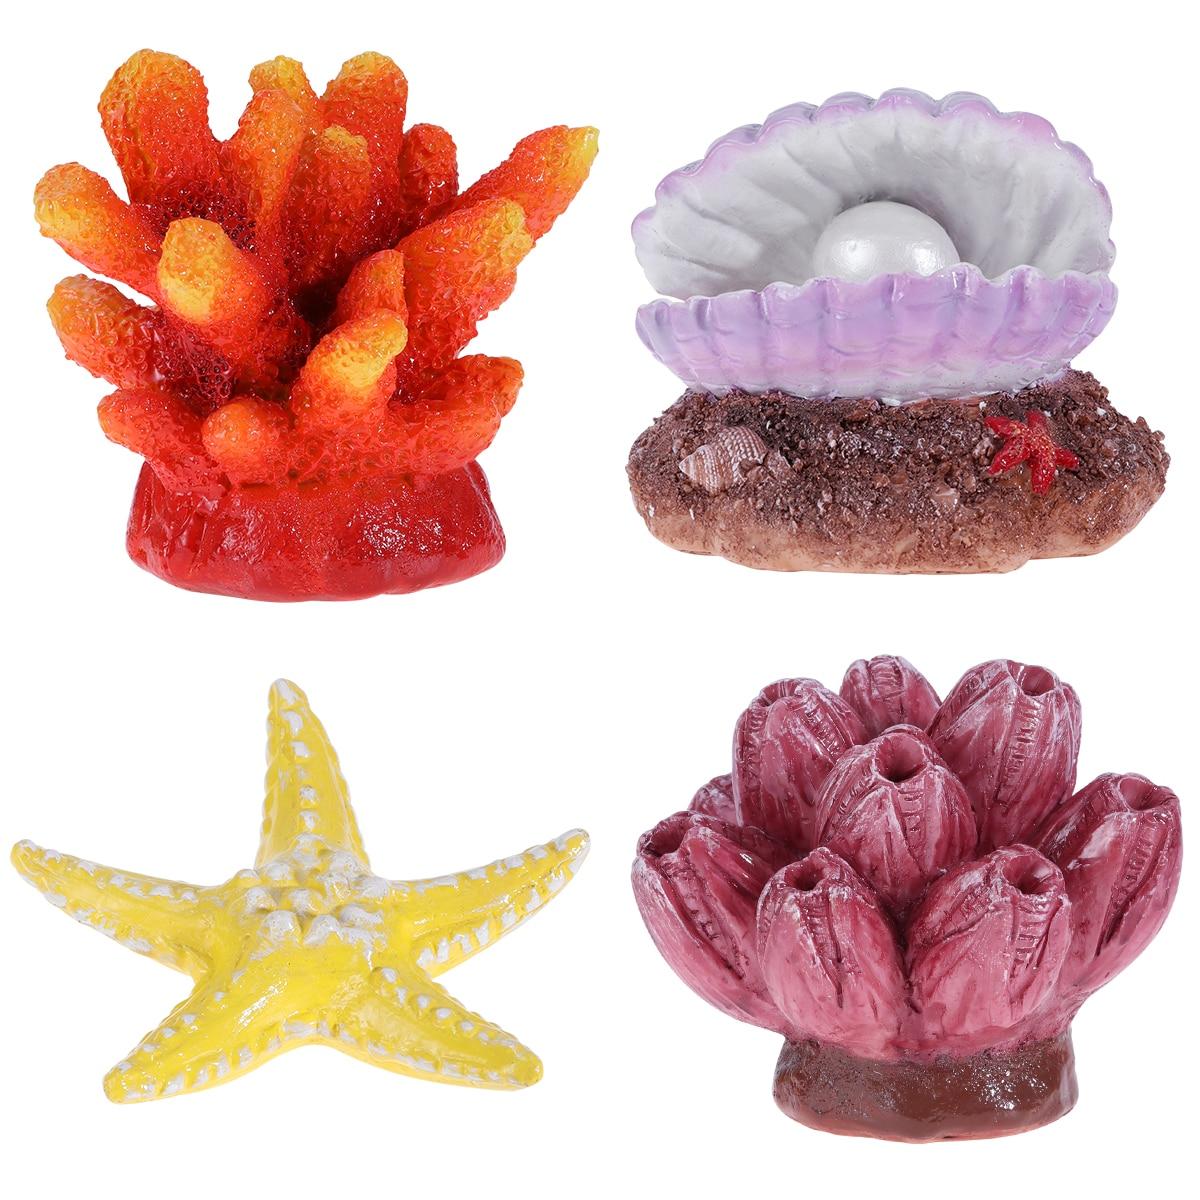 4 unidades de decoración de acuario UEETEK, estrella Artificial de mar, falso ornamento de escondite de Coral para decoración de peceras